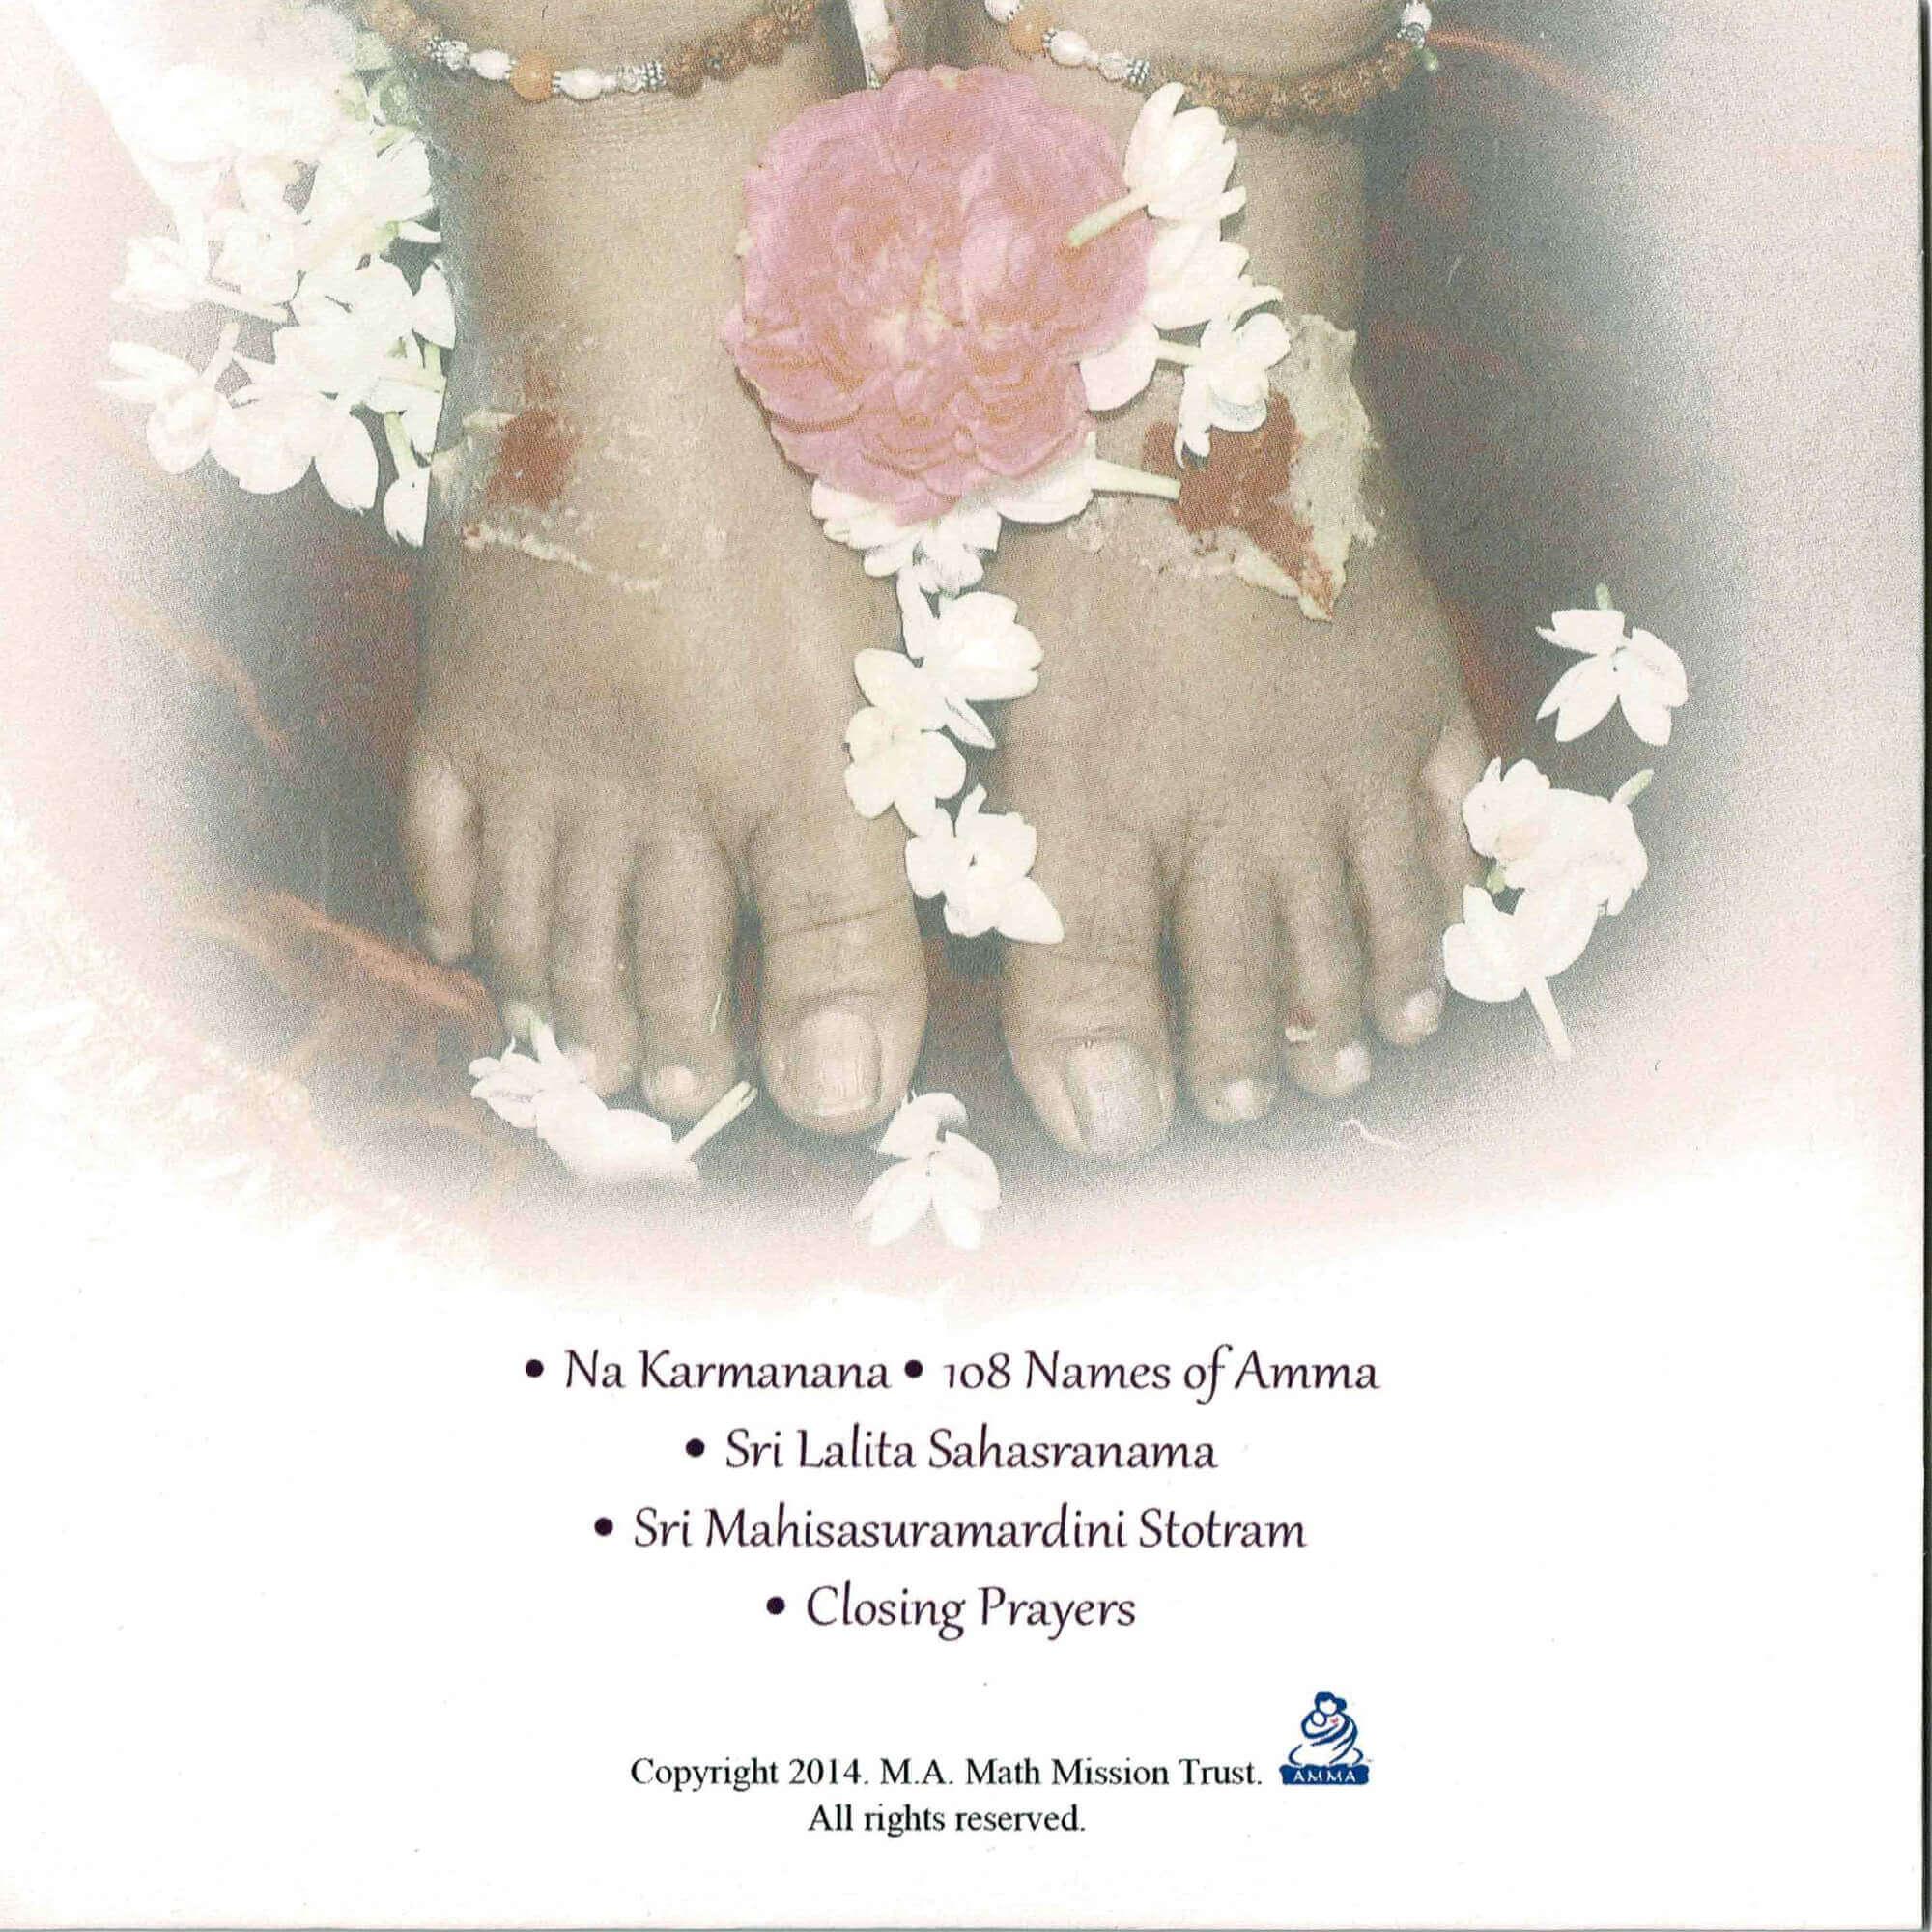 AMRITA MALA VOL. 2 (CD)